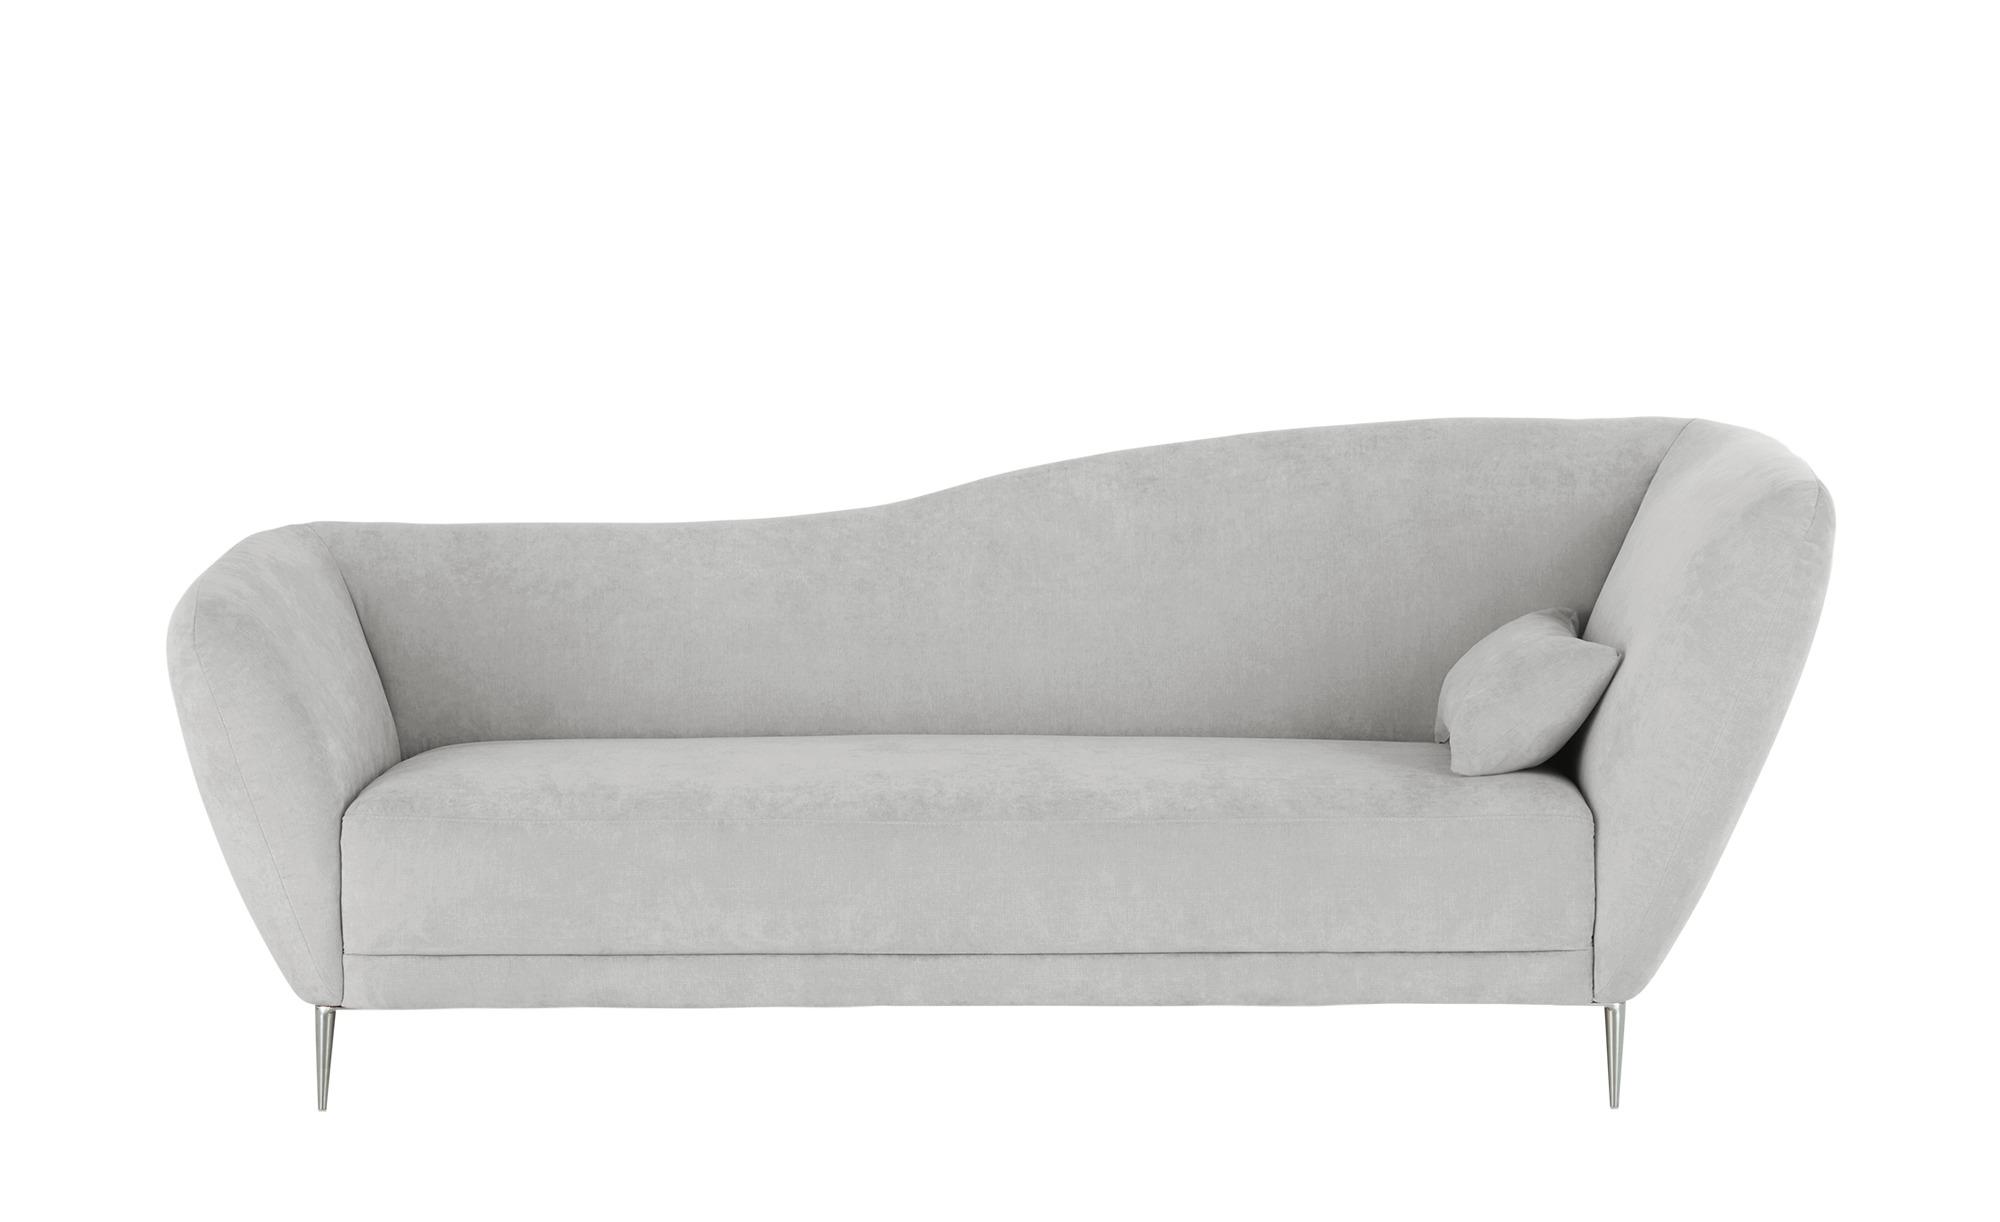 Gallery M Recamiere  Vittoria - grau - 222 cm - 85 cm - 97 cm - Polstermöbe günstig online kaufen